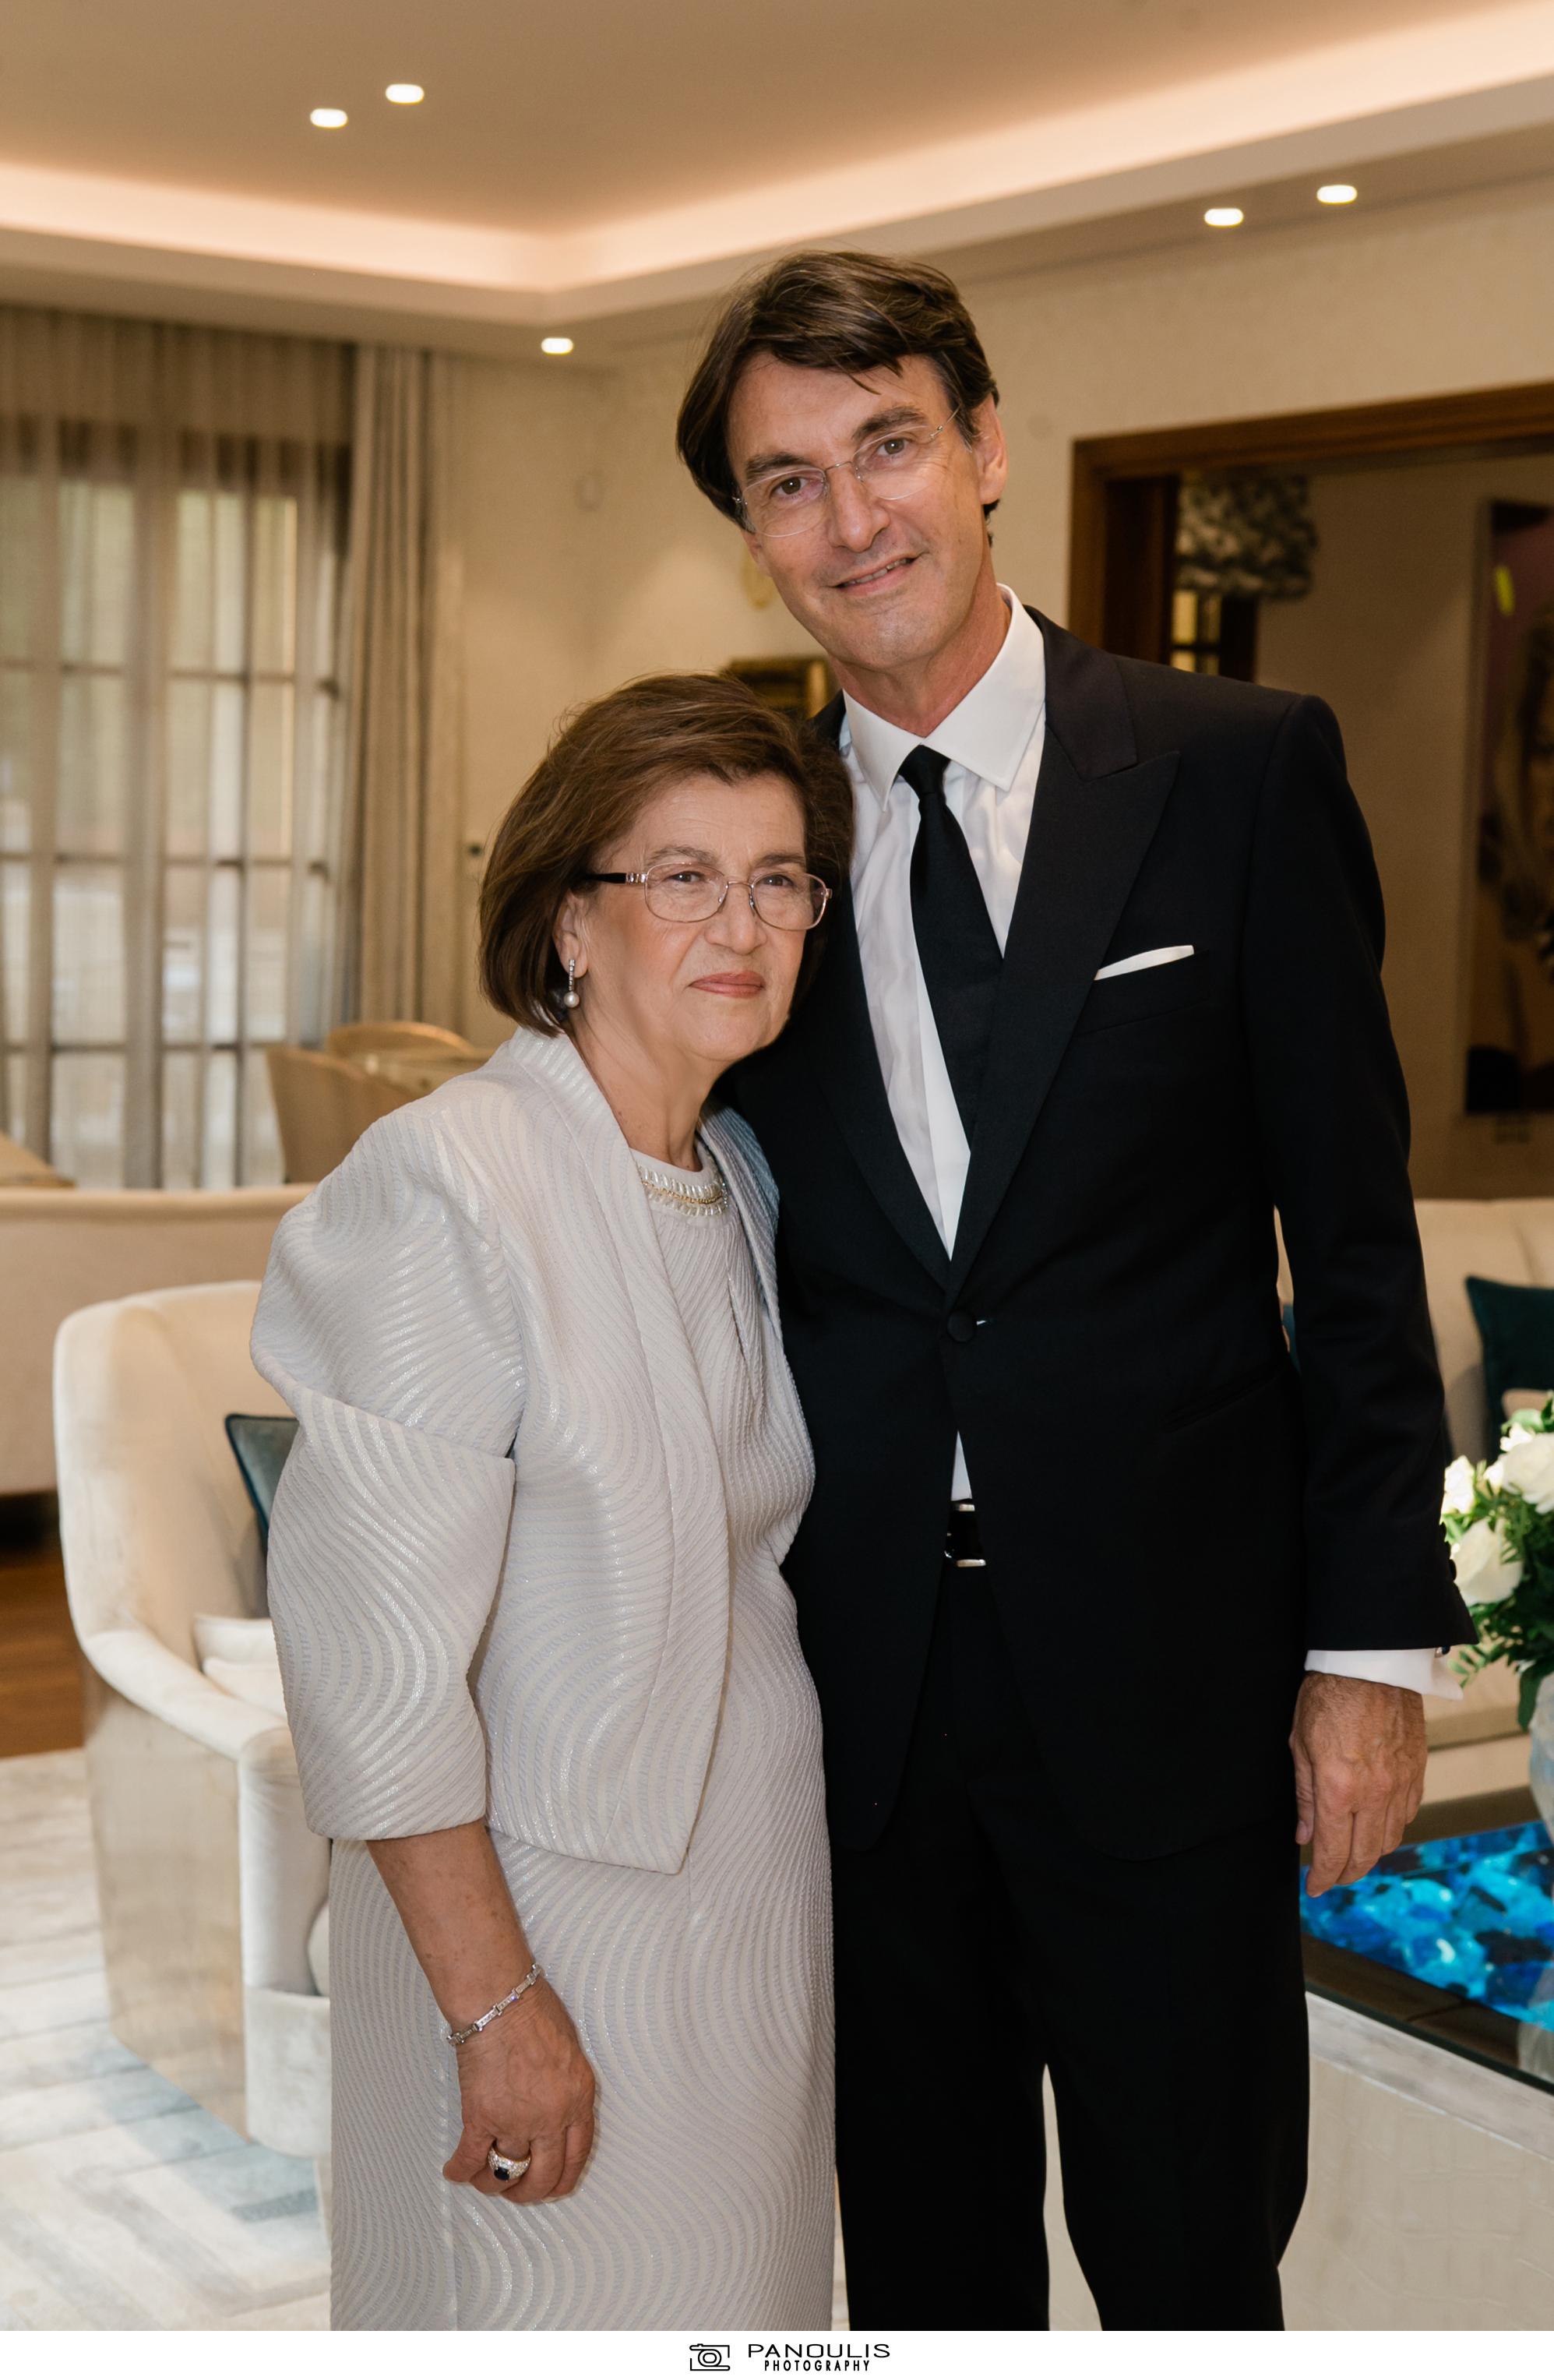 Κλέλια Χατζηιωάννου & Κωνσταντίνος Σκορίλας: Ένας υπέροχος γάμος με λαμπερούς καλεσμένους 6